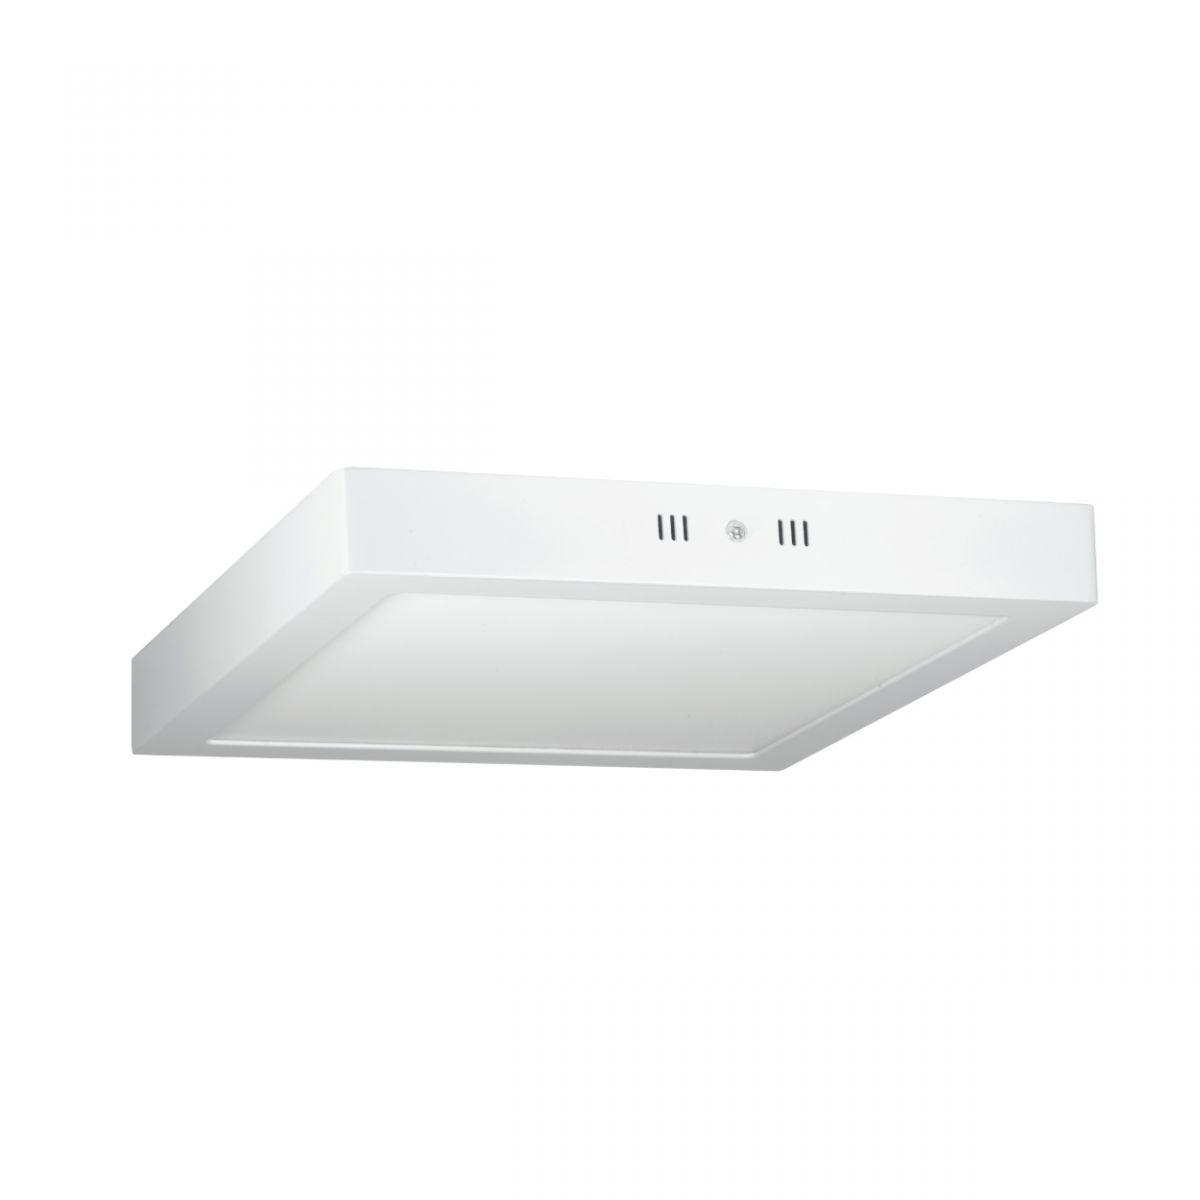 Luminária Plafon LED 12w Sobrepor Redonda / Quadrada - LUXTEK